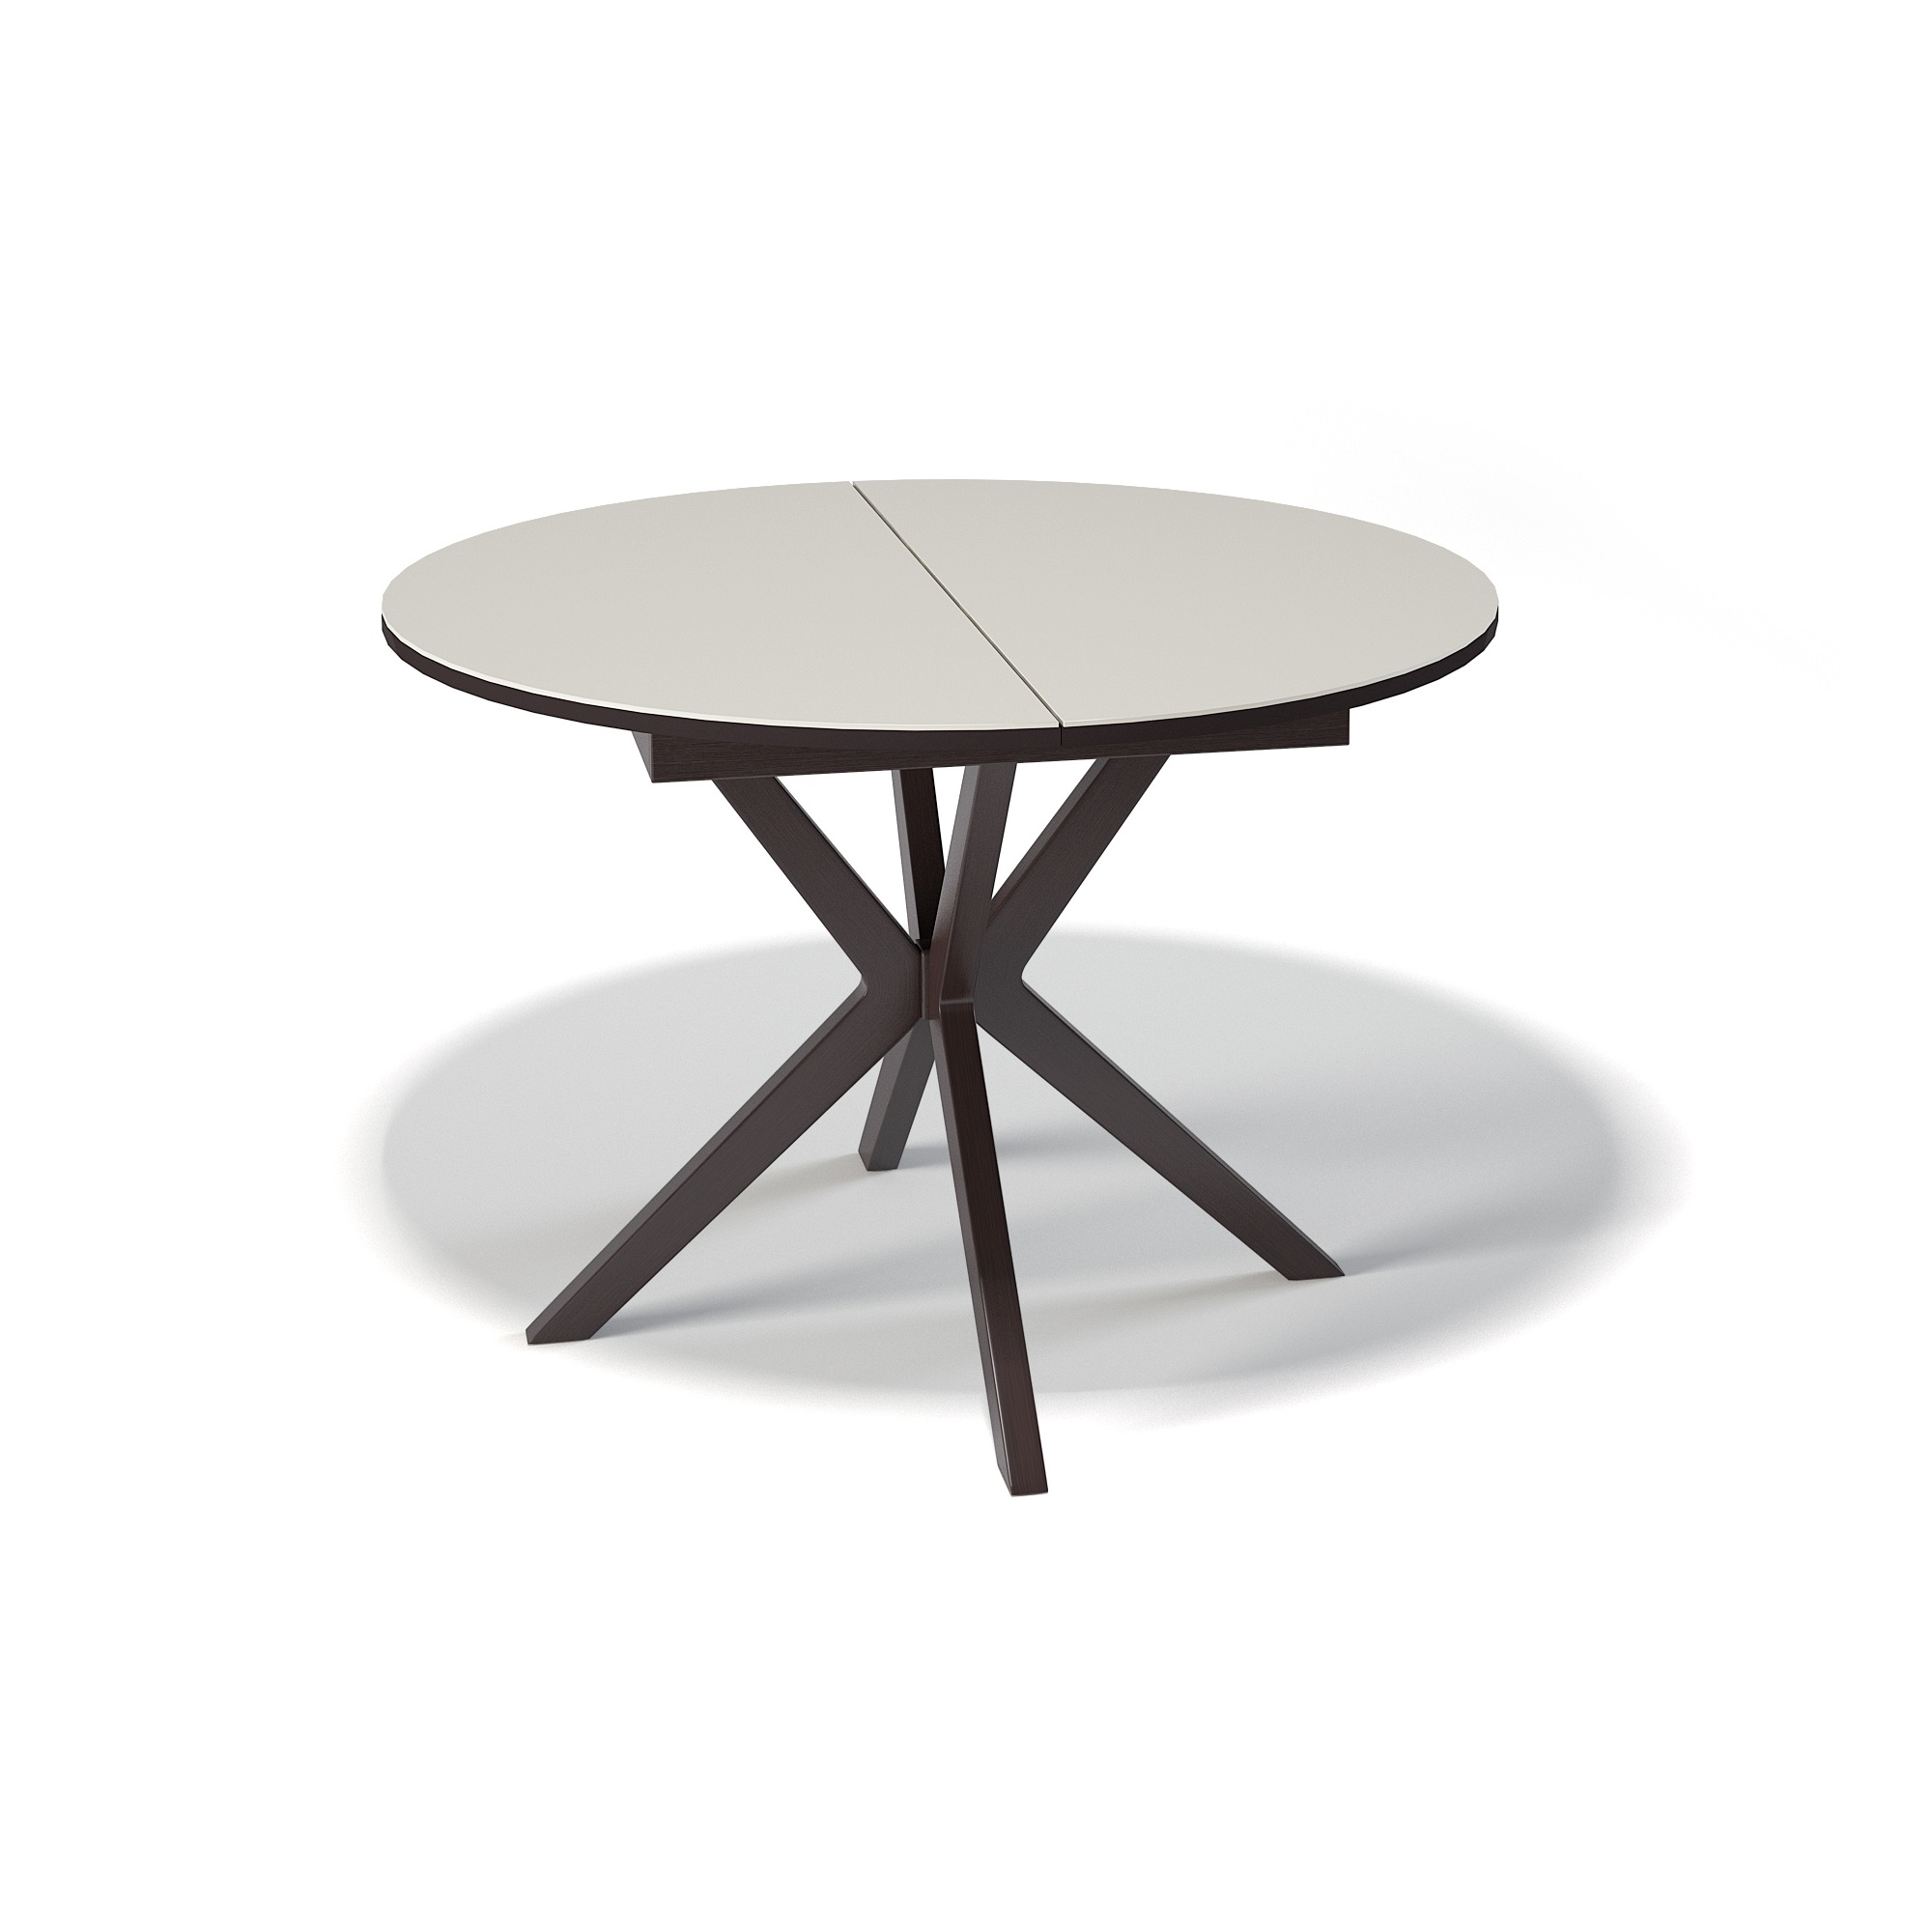 Стол обеденный KennerОбеденные столы<br>Основание - массив бука, столешница - сатинированное стекло (не оставляет следов от пальцев, не боится горячего/холодного, бытовой химии) + ДСП.&amp;amp;nbsp;&amp;lt;div&amp;gt;Механизм раскладки - синхронный.&amp;amp;nbsp;&amp;lt;/div&amp;gt;&amp;lt;div&amp;gt;Фурнитура в комплекте.&amp;amp;nbsp;&amp;lt;/div&amp;gt;&amp;lt;div&amp;gt;Габариты столешницы в разложенном виде: 145х100 см.&amp;lt;/div&amp;gt;<br><br>Material: Дерево<br>Ширина см: 110.0<br>Высота см: 76.0<br>Глубина см: 100.0